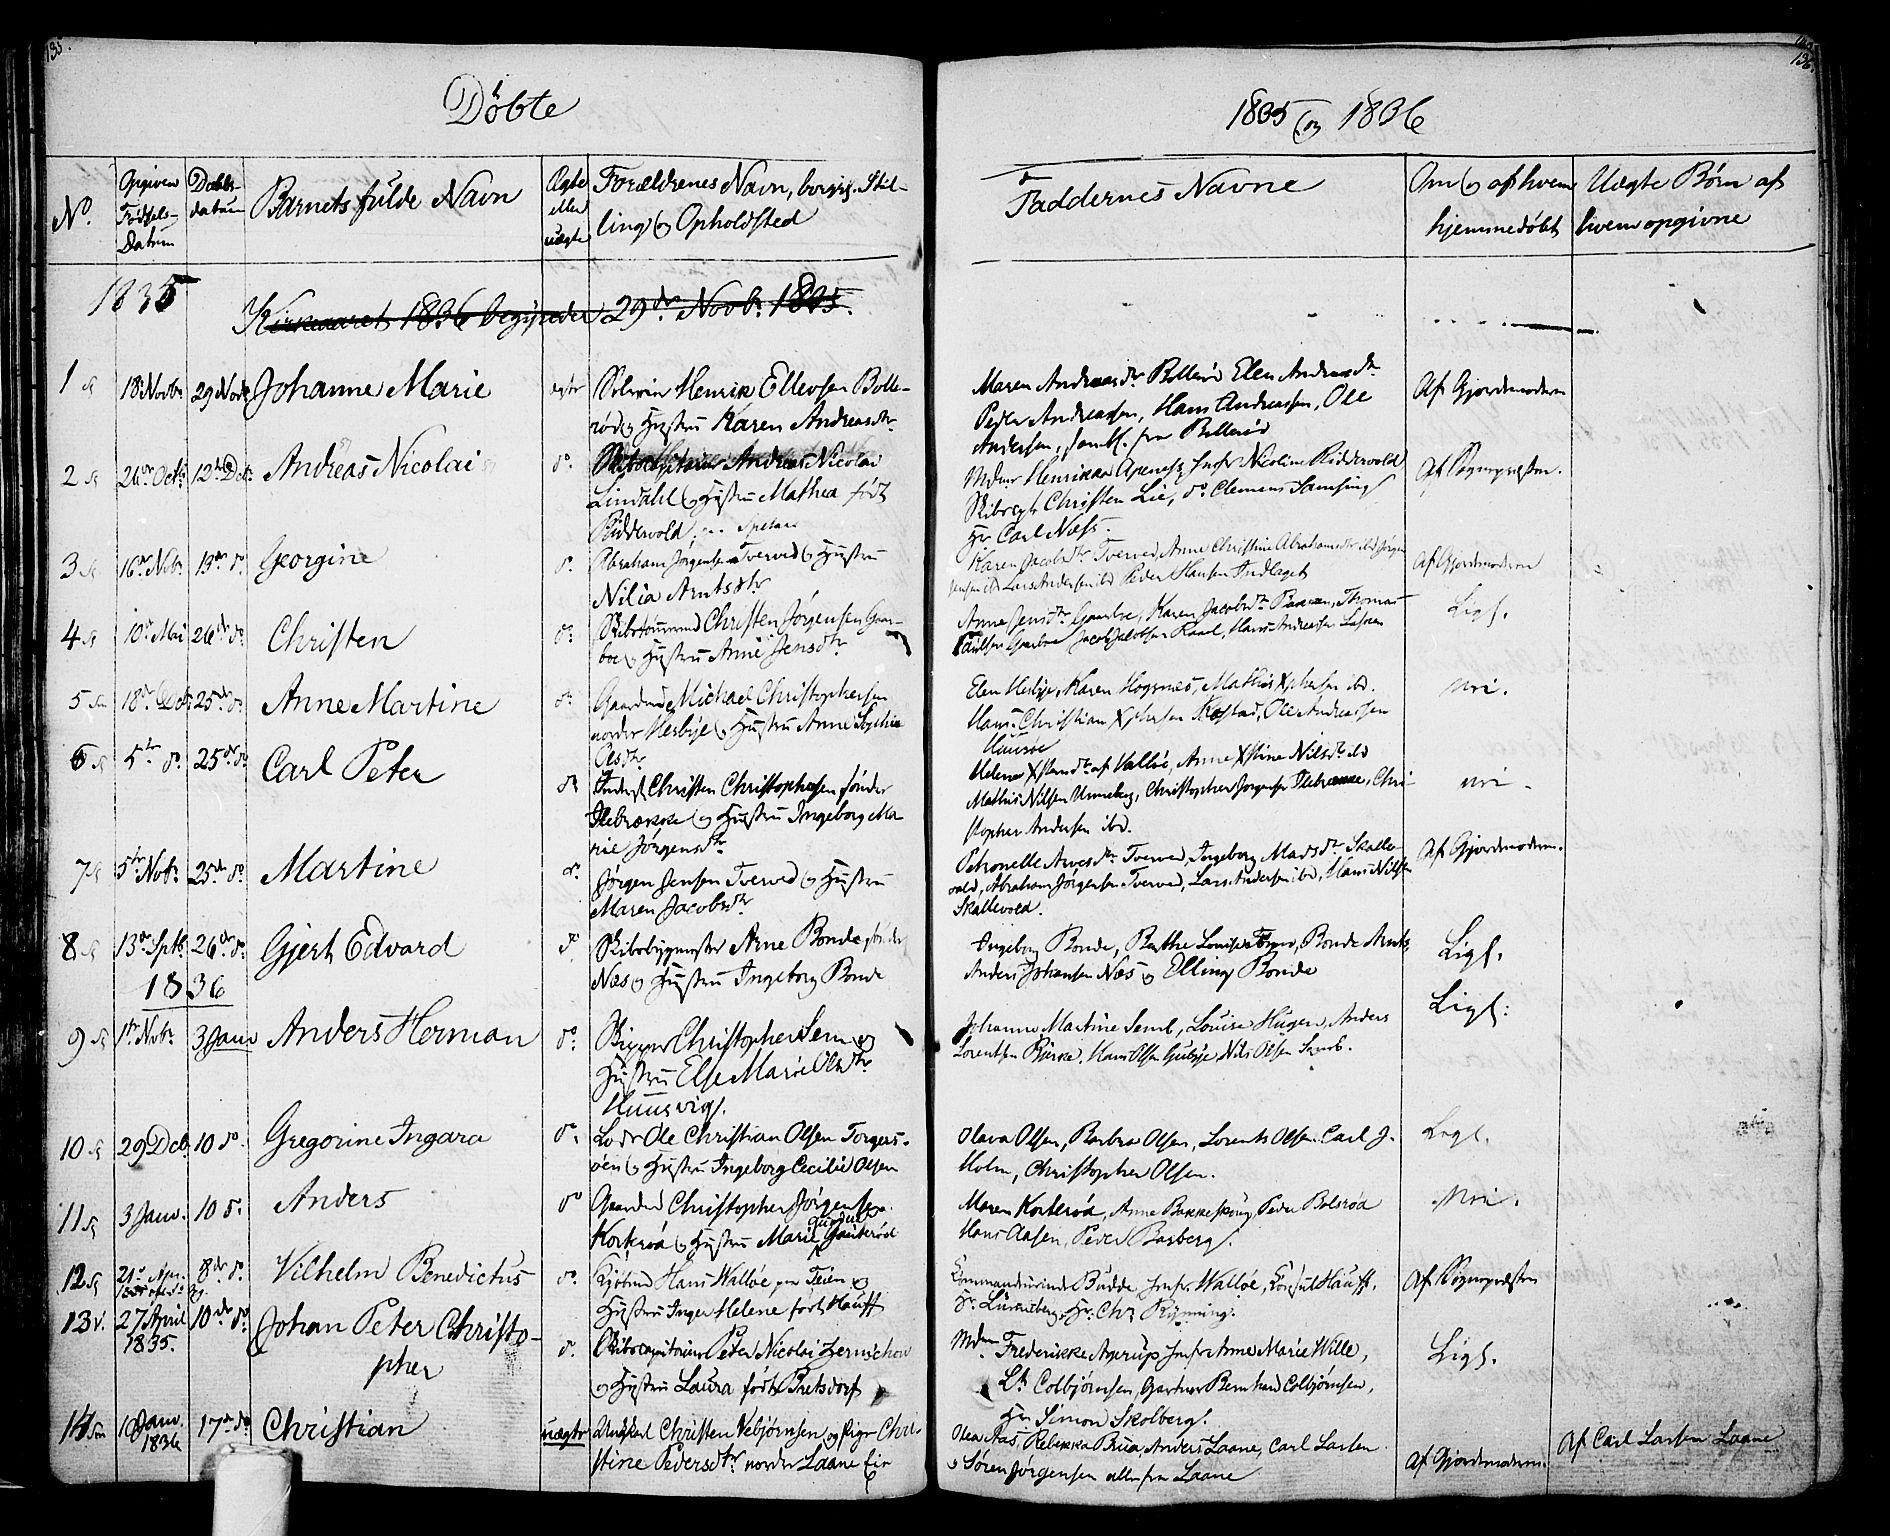 SAKO, Sem kirkebøker, F/Fa/L0005: Ministerialbok nr. I 5, 1825-1842, s. 135-136